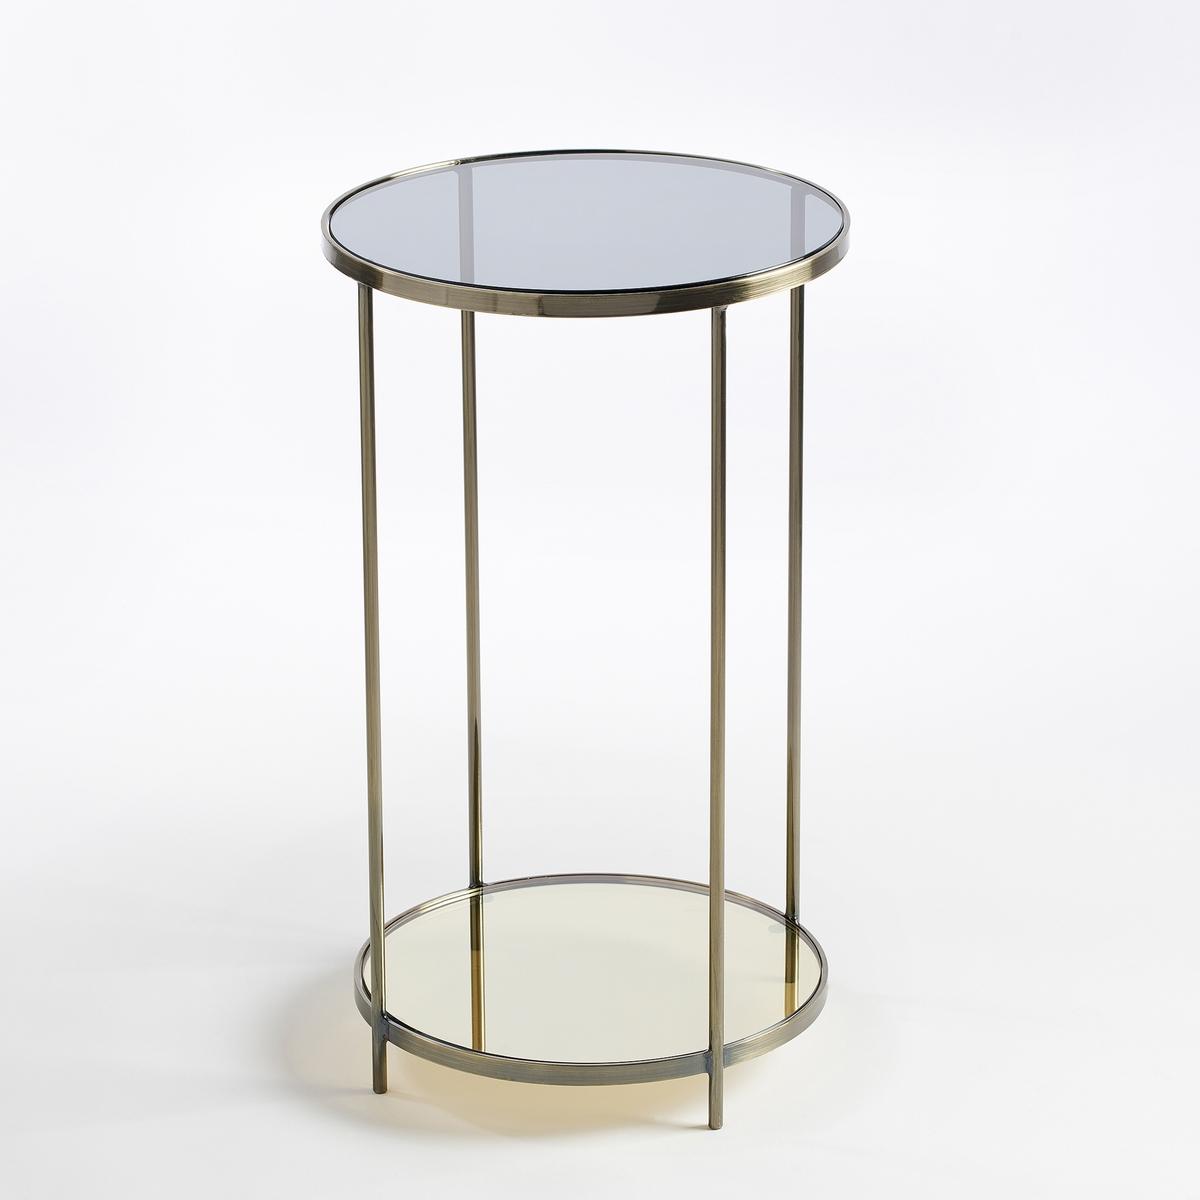 Тумба прикроватная круглая - журнальный столик Ulupna из остаренной латуниПрикроватная тумба - журнальный столик . Элегантность и прозрачность придают тумбе легкость. Отделка из остаренной латуни и внутренняя перегородка с зеркальной поверхностью придают этой тумбе обаянияХарактеристики :- Металлический корпус с отделкой из остаренной латуни .- Верх из дымчатого закаленного стекла толщиной 10 мм.- Внутренняя перегородка из тонированного зеркалаРазмеры  :- ?35 x В60 см.Размеры и вес упаковки : - Ш40,5 x В70 x Г40,5 см, 8,5 кг<br><br>Цвет: старинная латунь